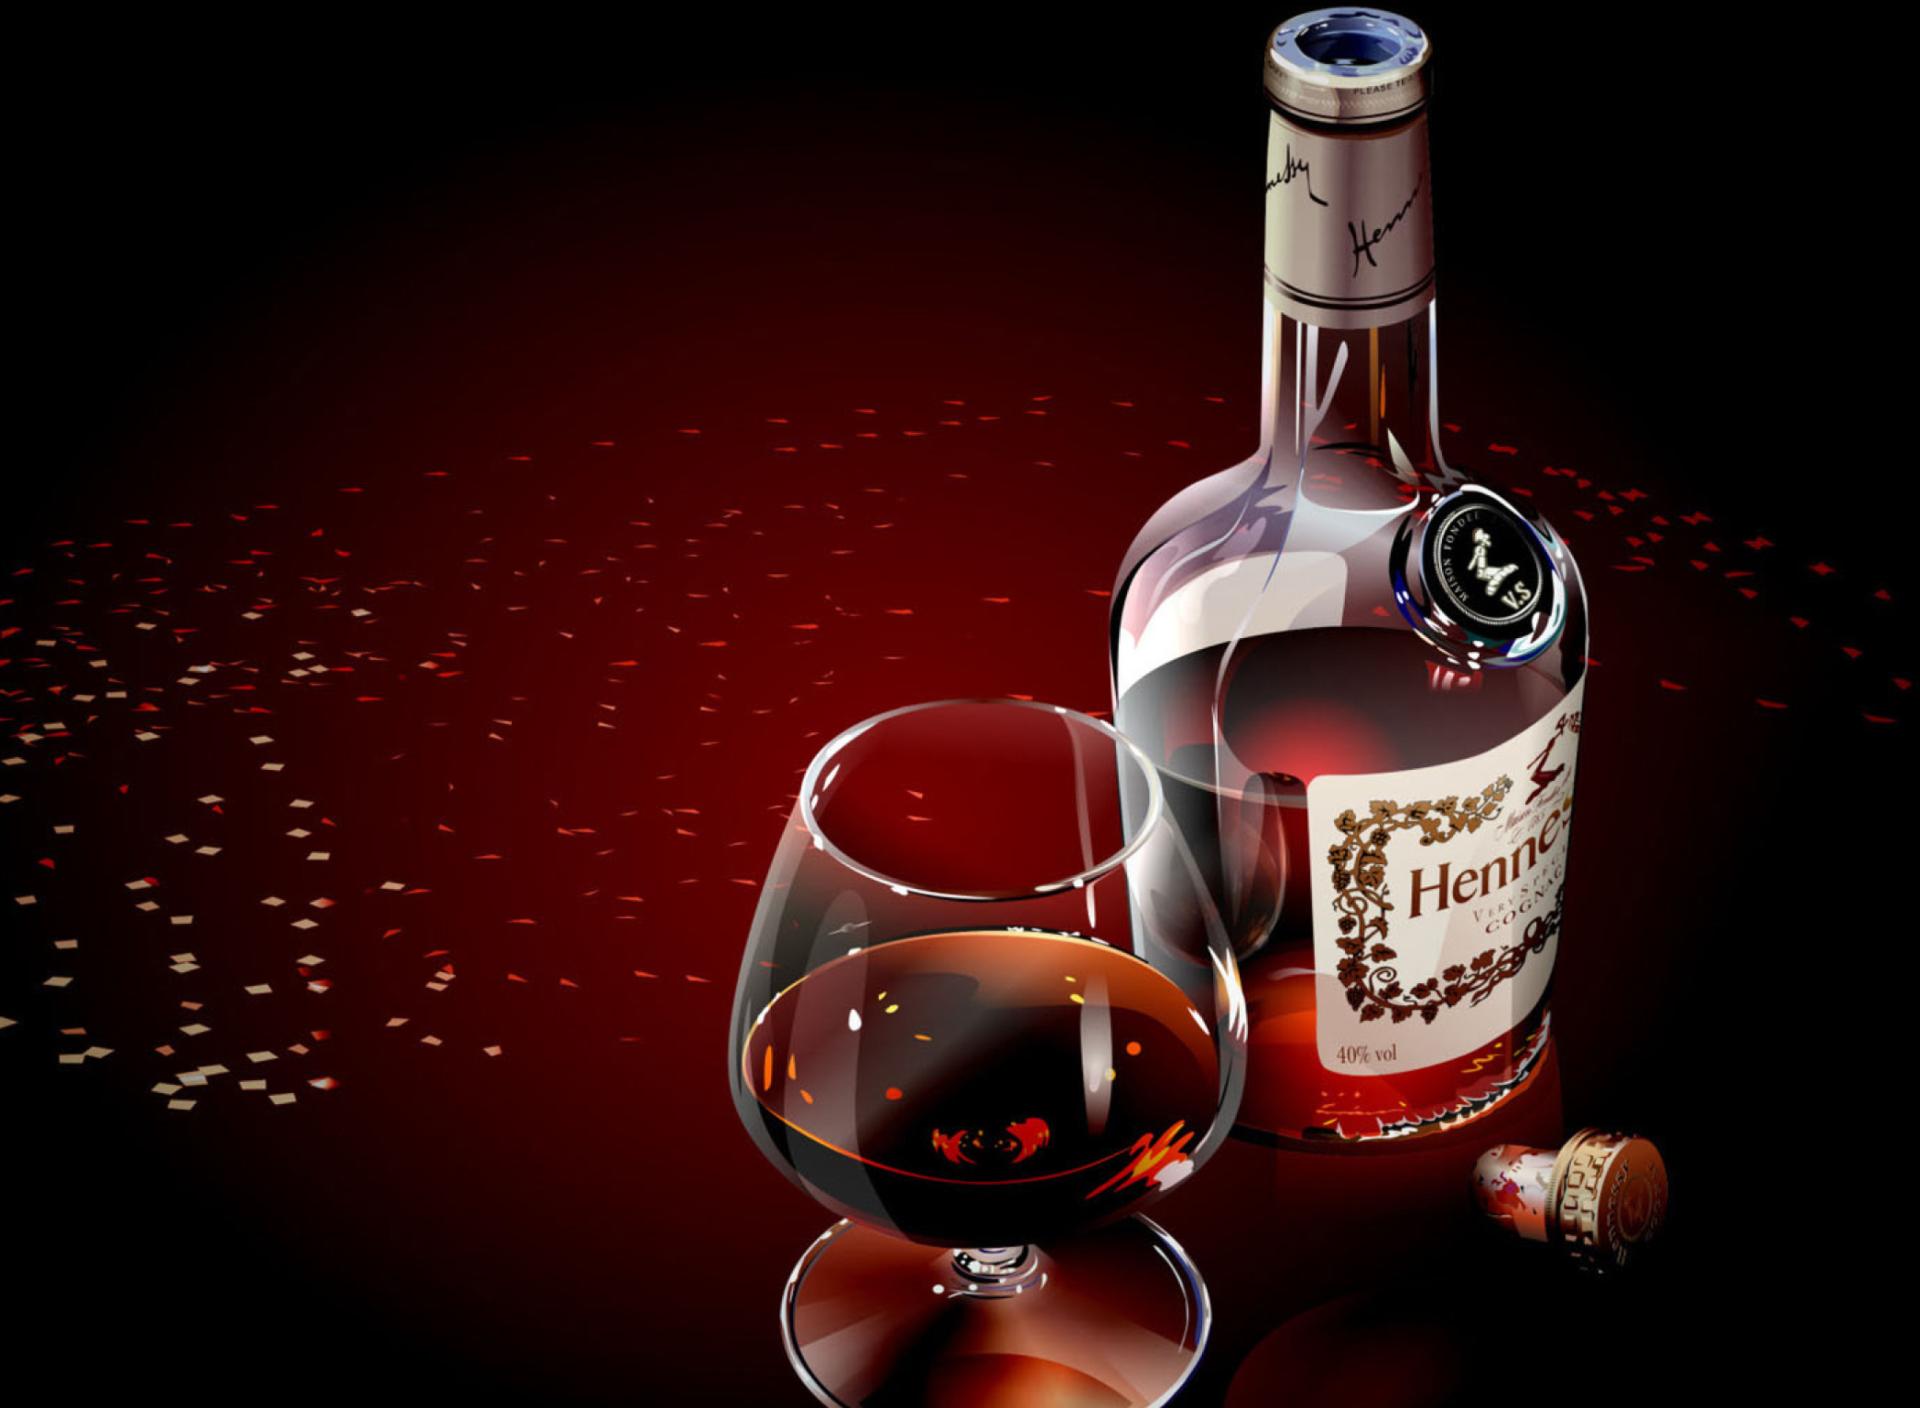 Картинки с алкоголем красивые с надписями, шаров для